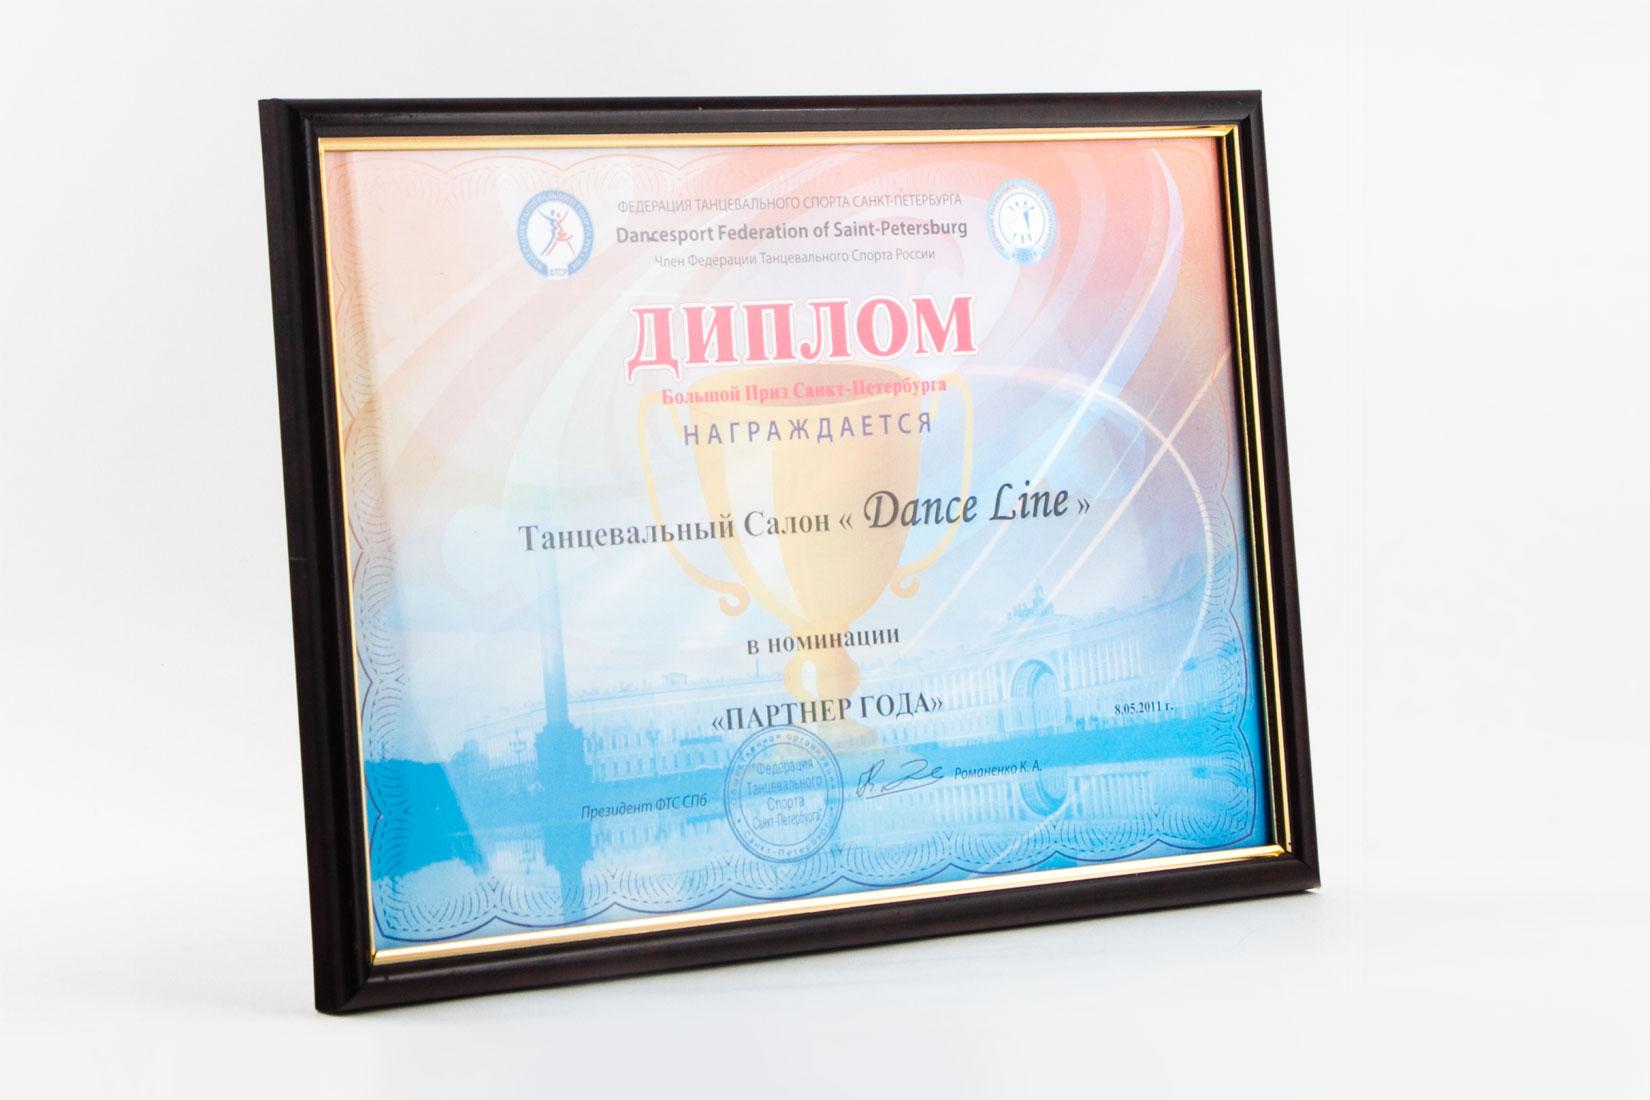 """Диплом в номинации """"Партнер года"""" от Федерации Танцевального Спорта Санкт-Петербурга"""